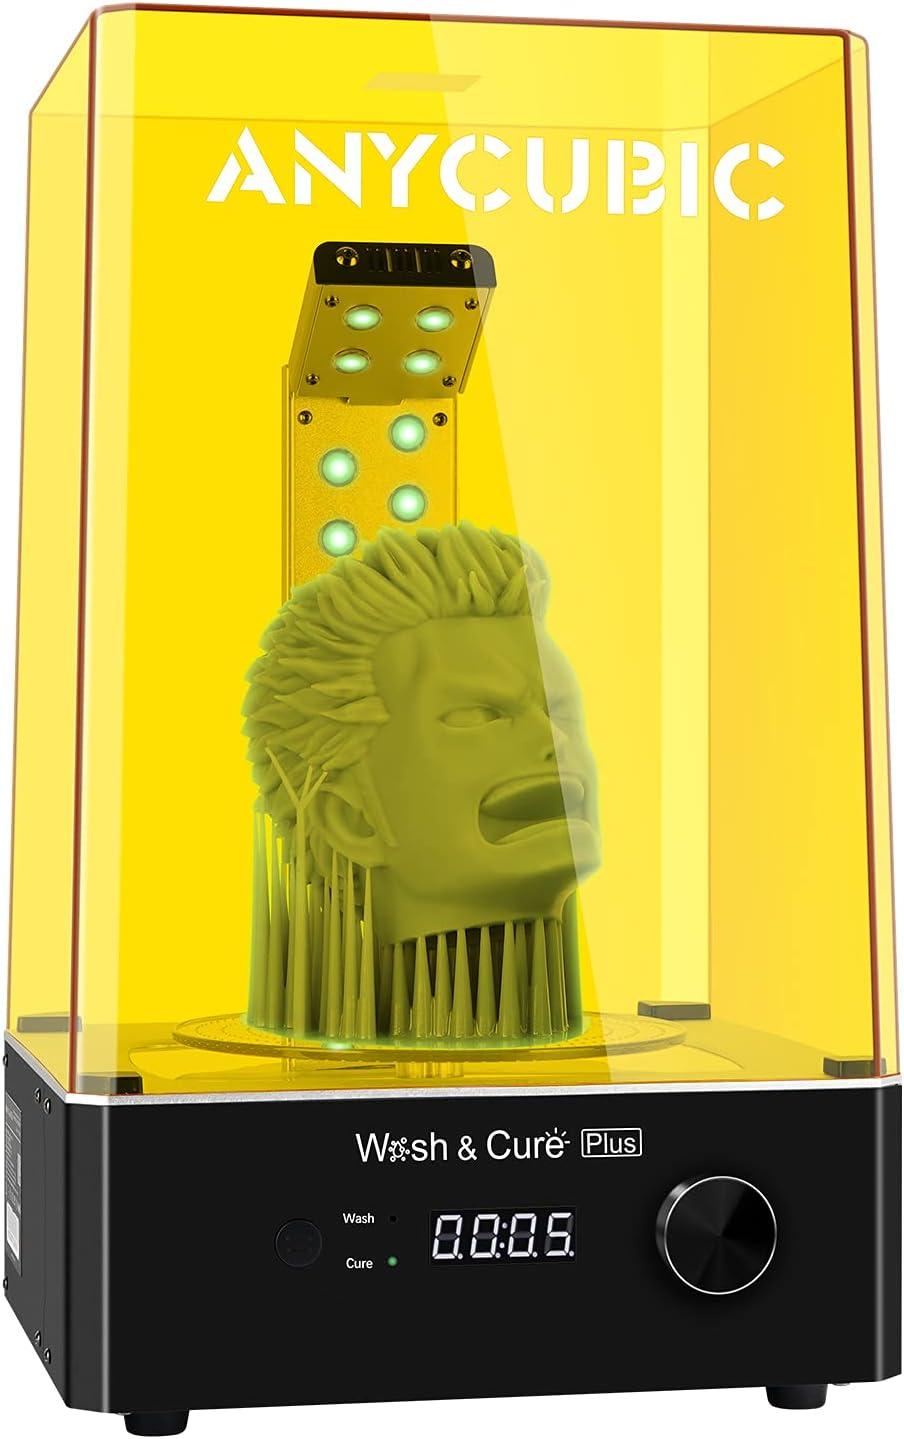 ANYCUBIC Wash & Cure Plus - Máquina de lavado y endurecimiento 2 en 1 para impresoras LCD/DLP/SLA 3D con mesa de endurecimiento giratoria 360°, tamaño máximo de lavado 192 x 120 x 290 mm